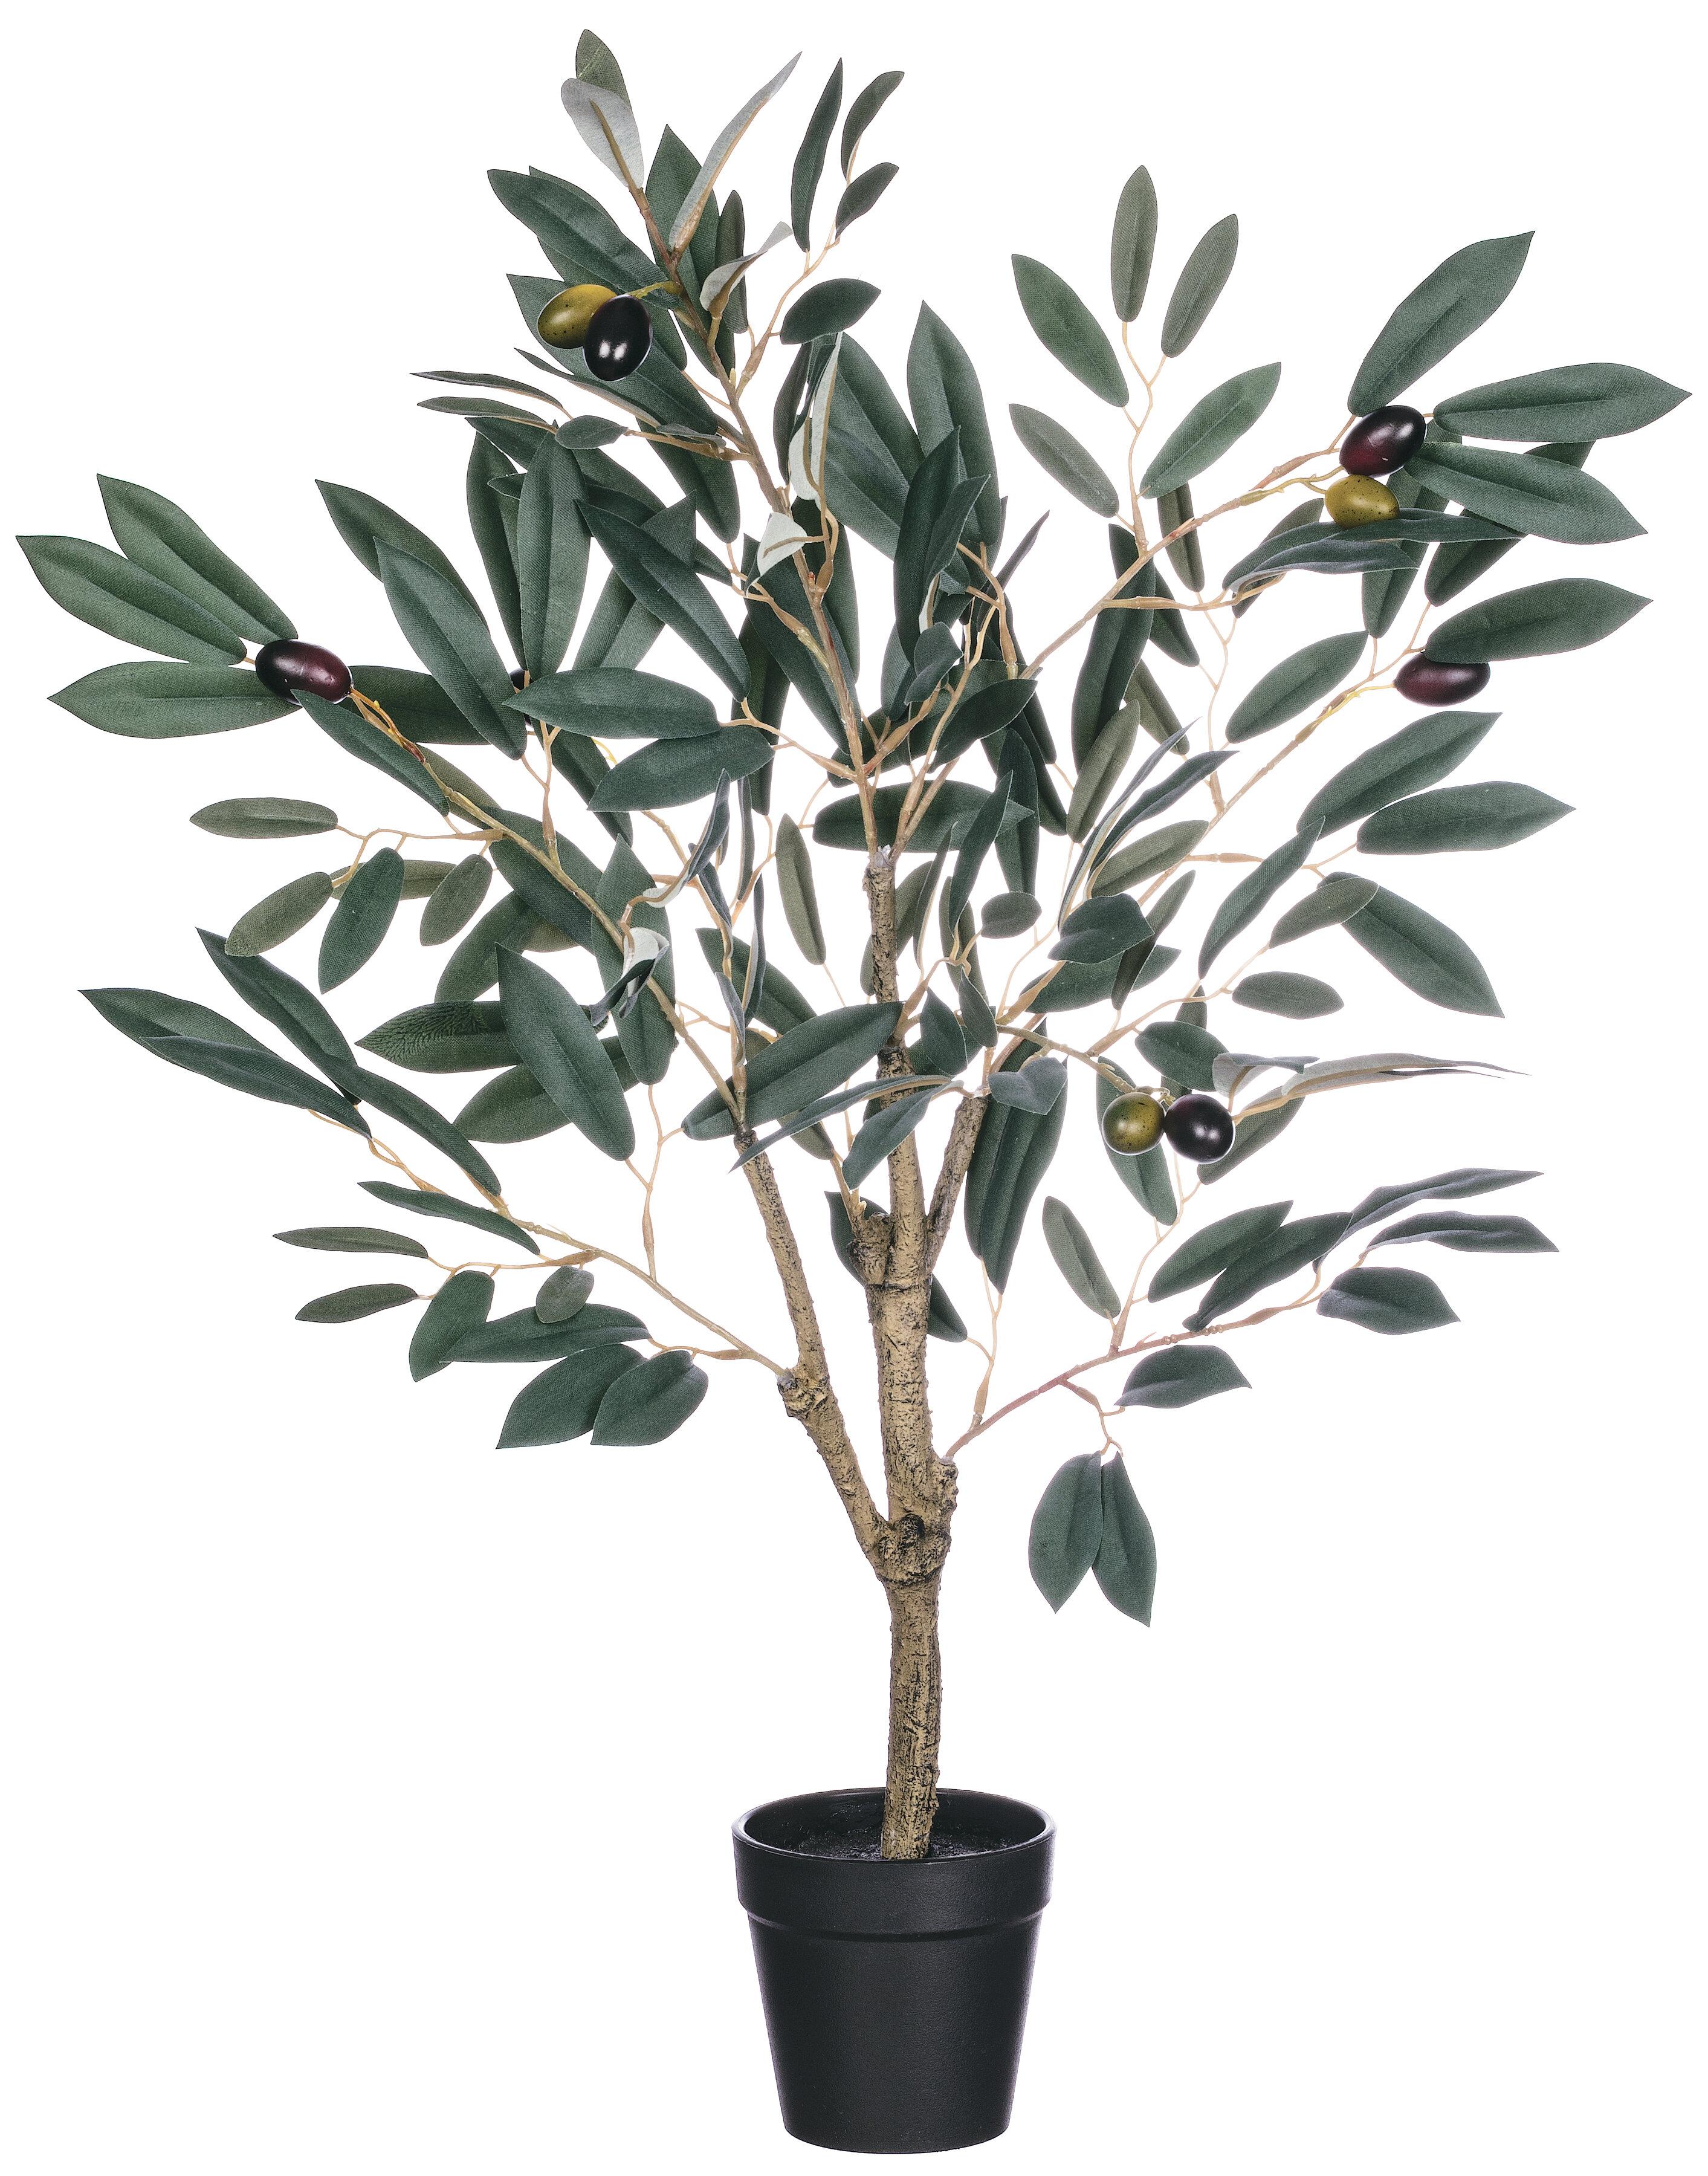 Fleur De Lis Living Olive Tree In Pot Reviews Wayfair